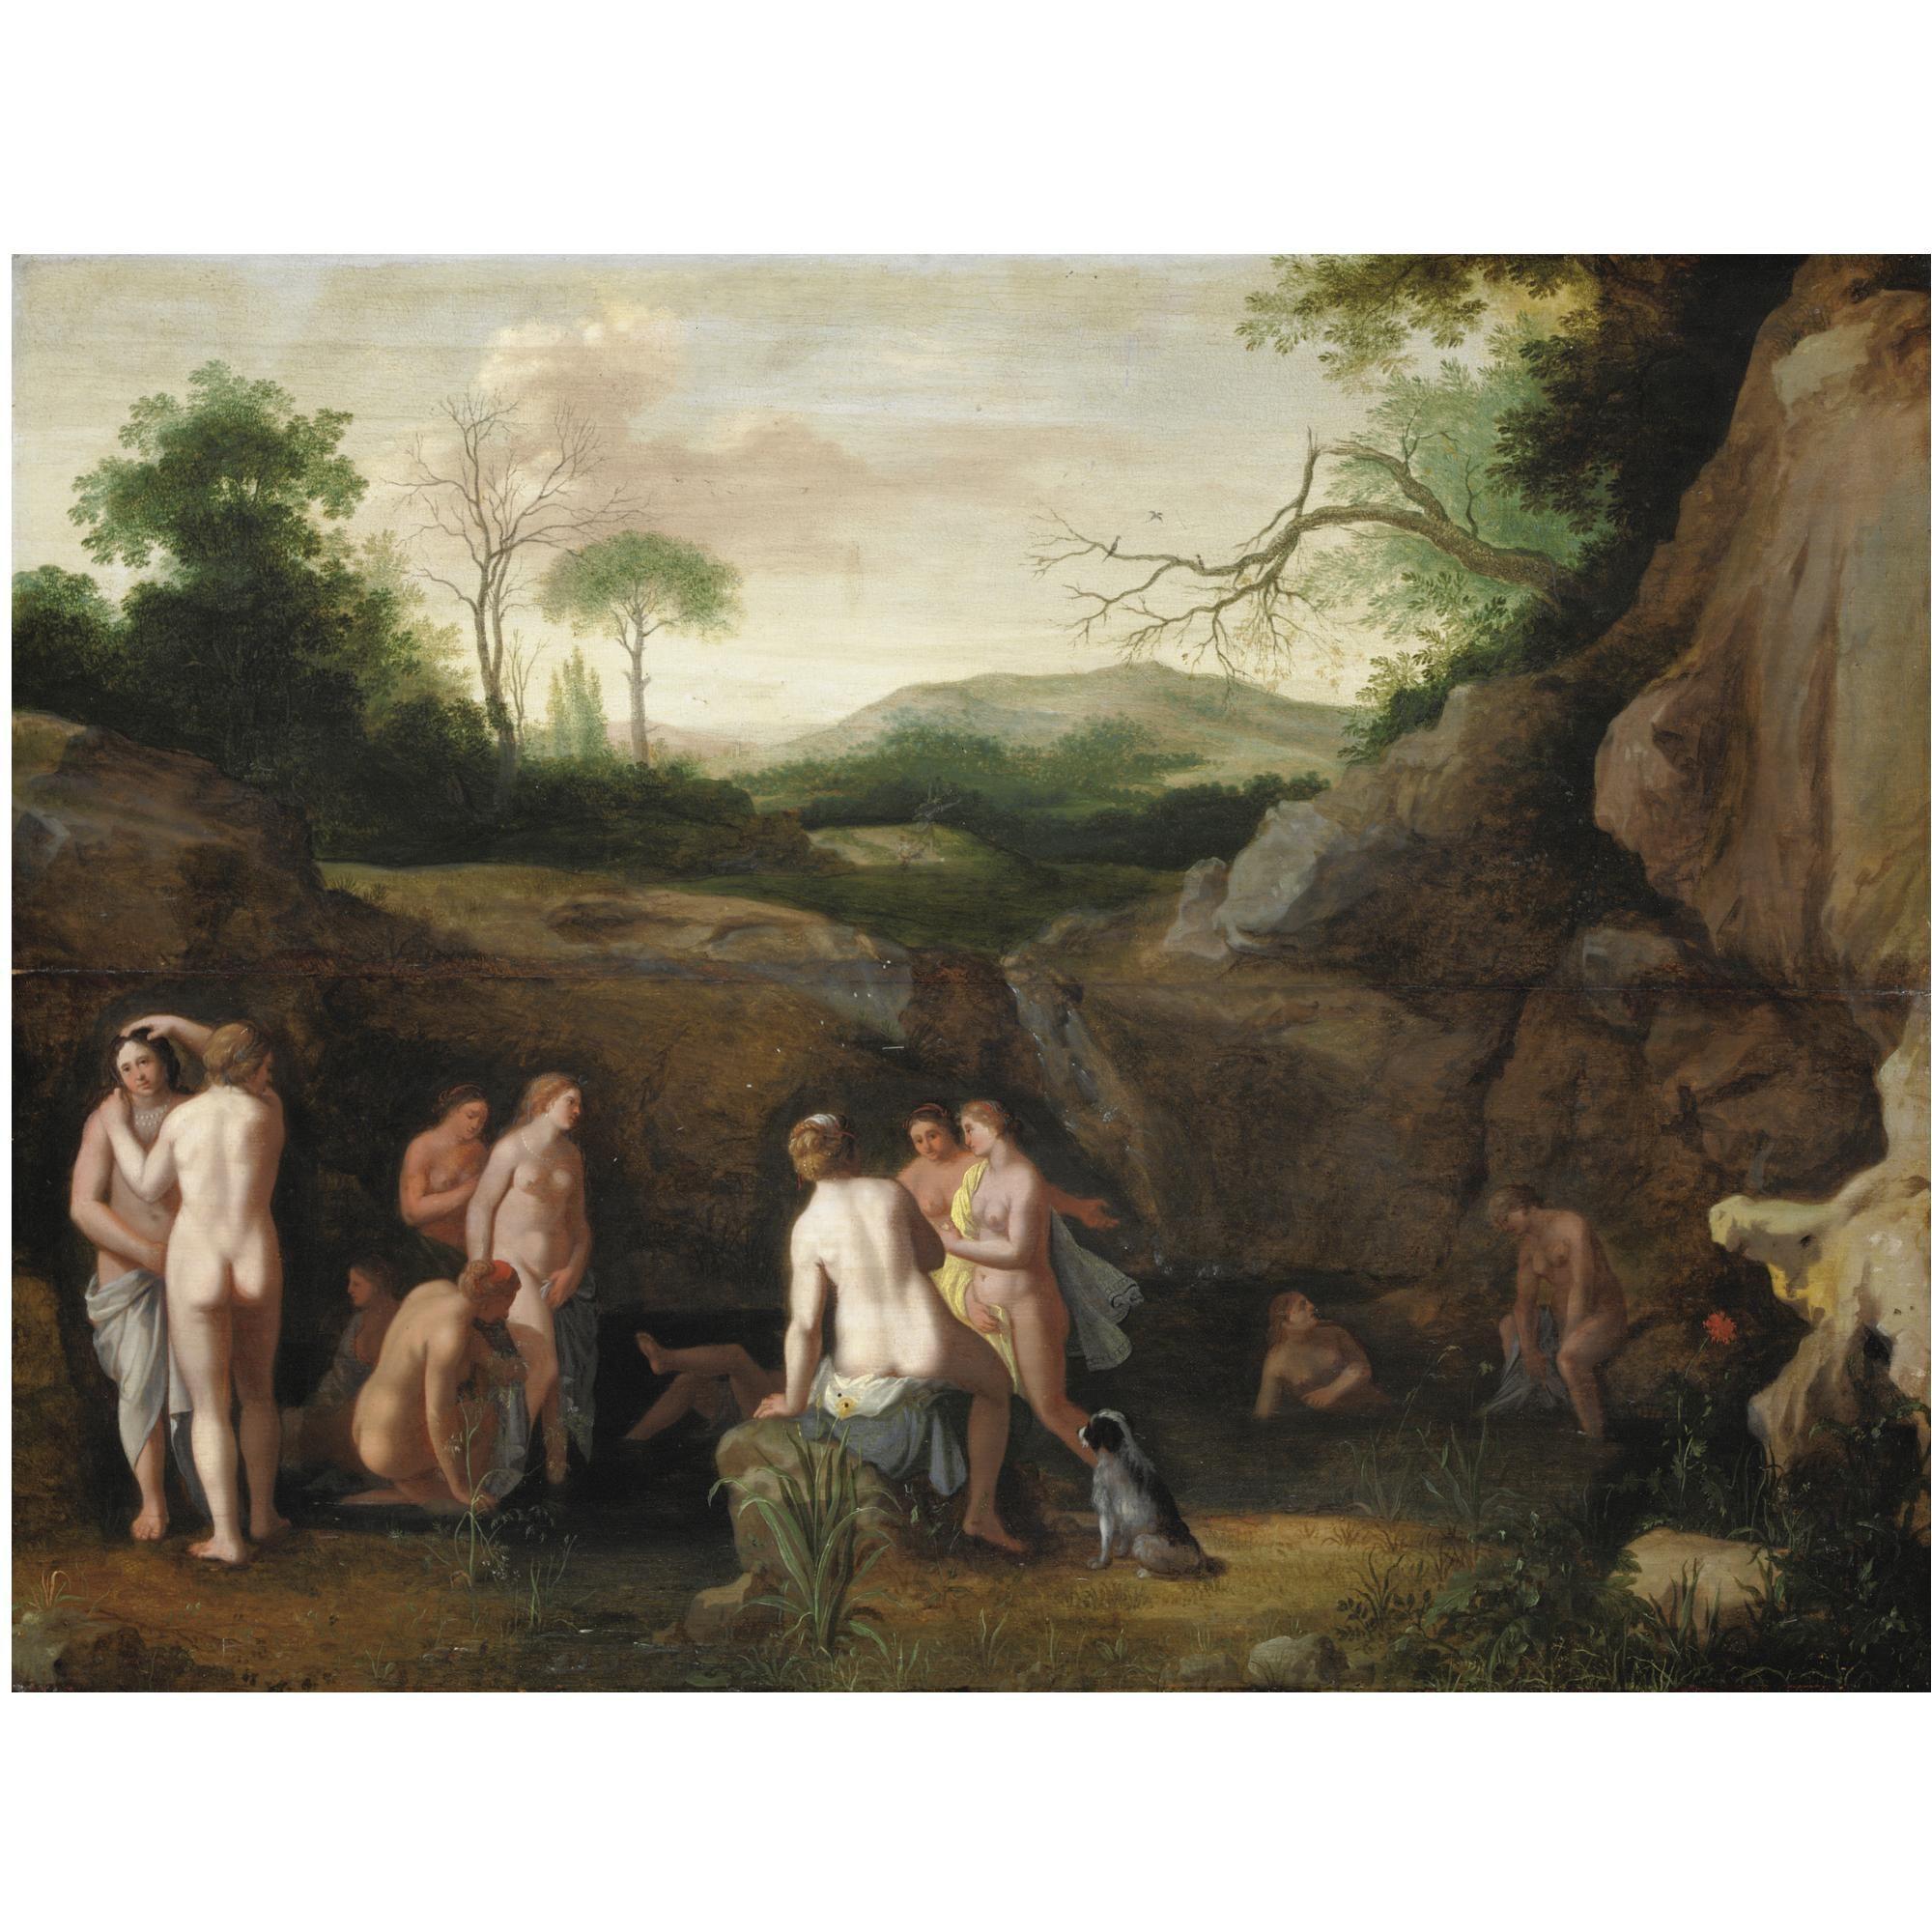 Cornelis van poelenburgh il bagno di diana olio su tavola - Il bagno di diana klossowski ...